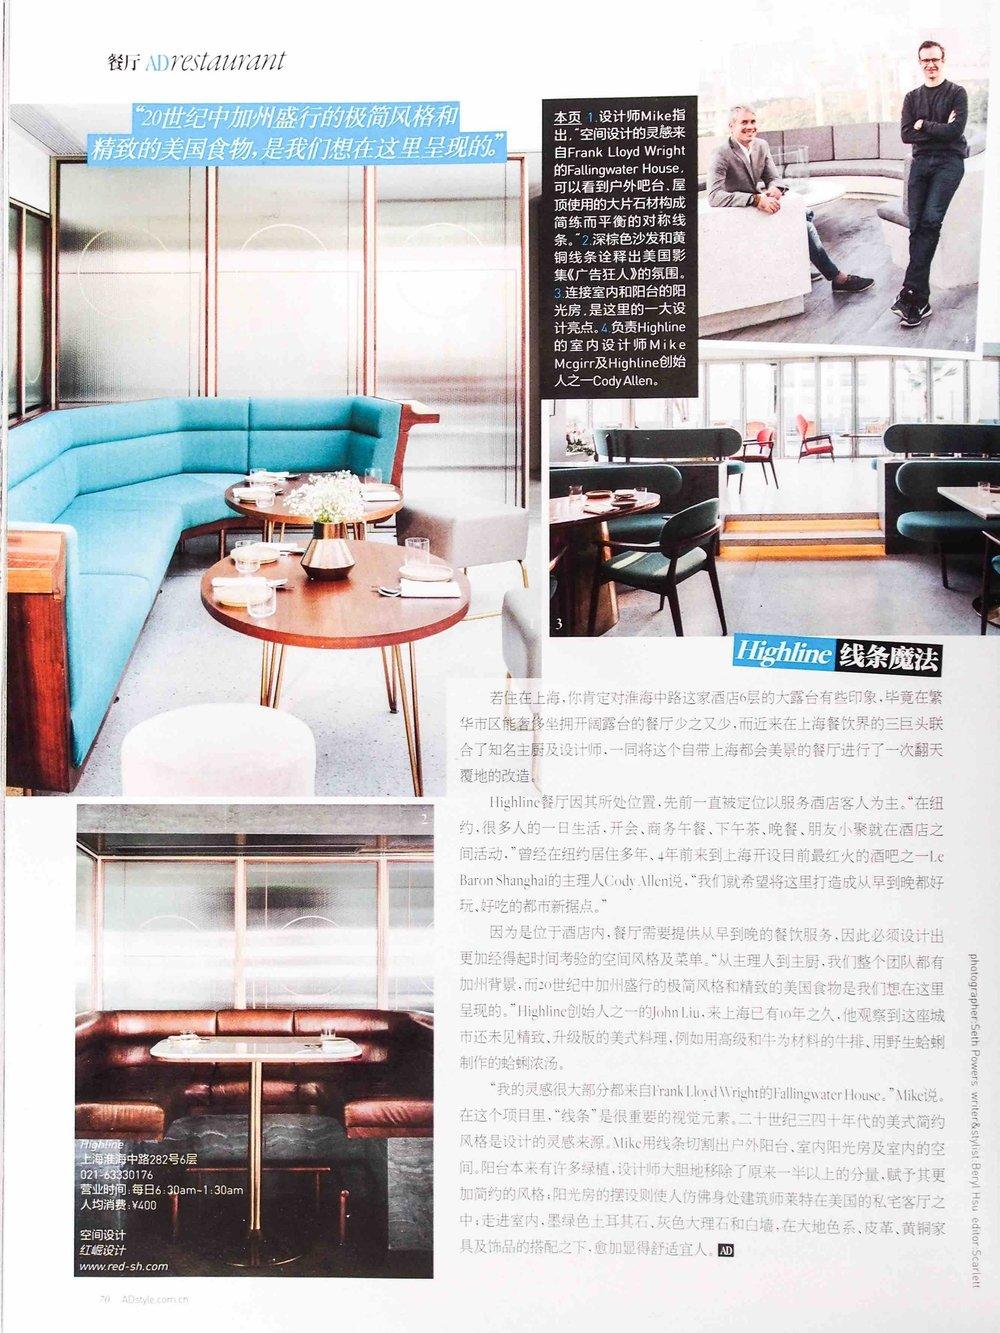 Architectural Digest | April 2017 - Highline |Red Design